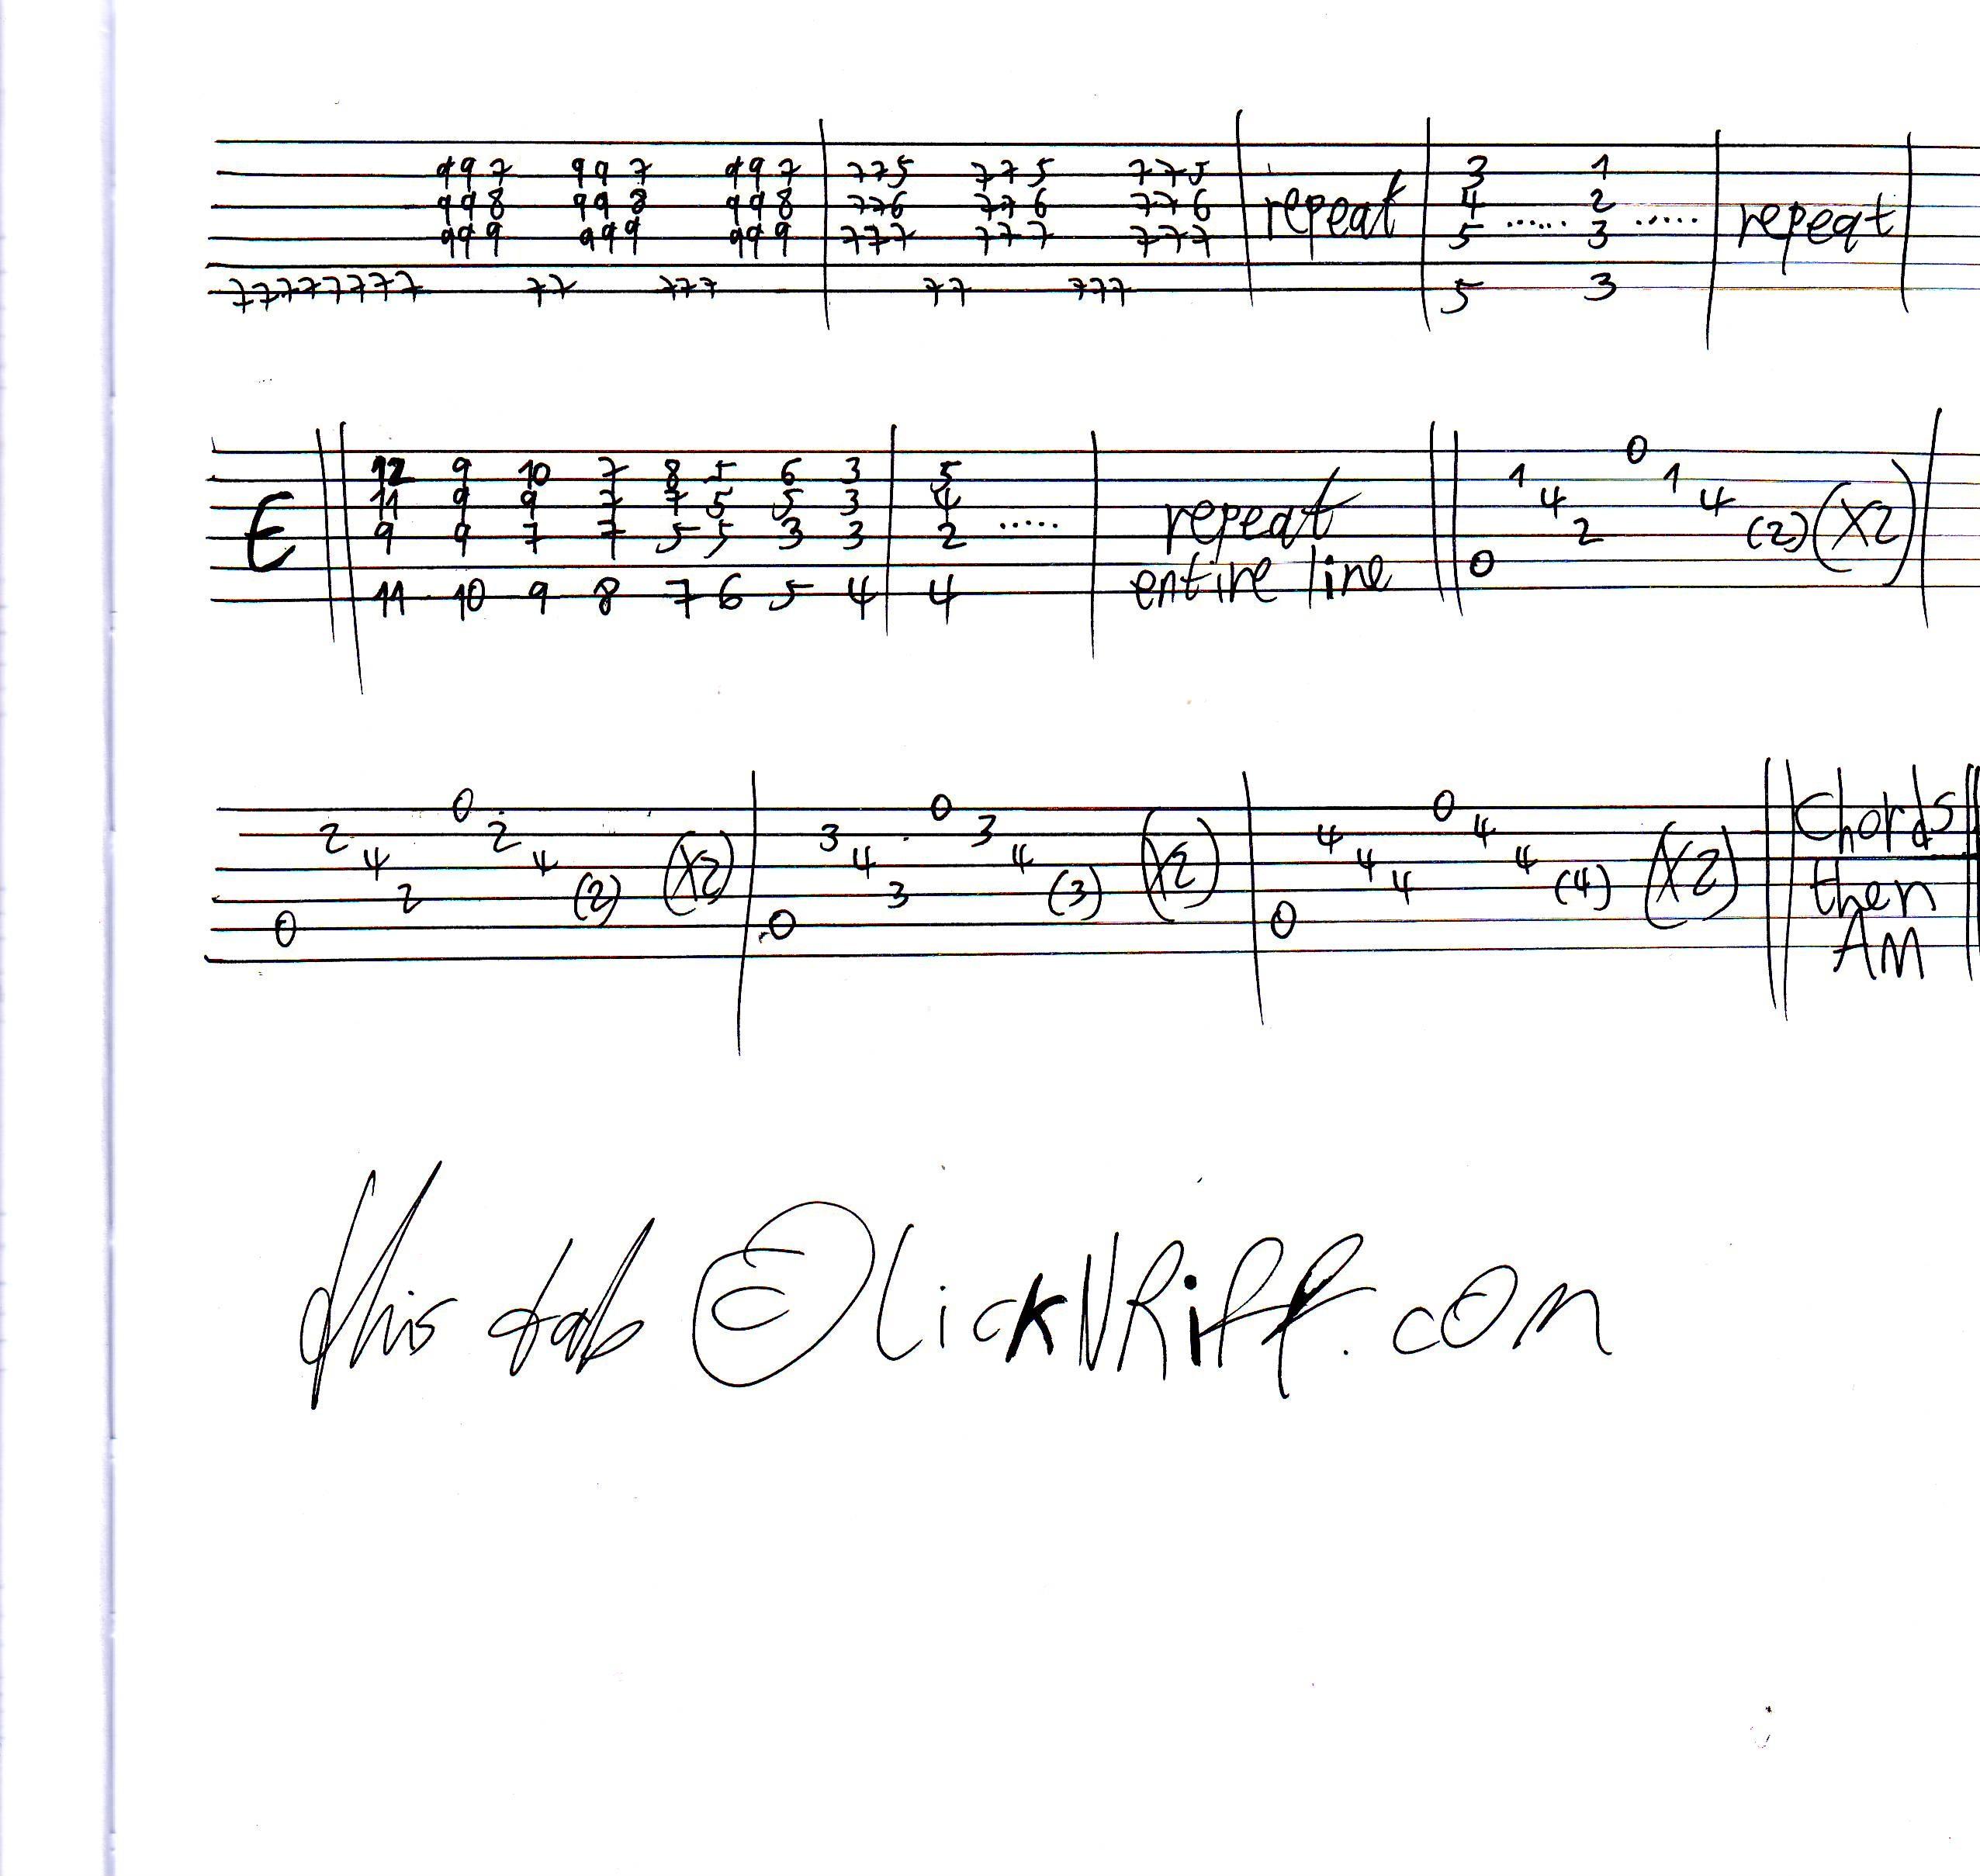 Classical Gas Guitar Tabs Pdf - metal guitar tabs pdf to songsu0422u0430u0431u0443u043bu0430u0442u0443u0440u044b u0418 u041du043eu0442u044b u041au043bu0430u0441u0441u0438u0447u0435u0441u043au0430u044f ...